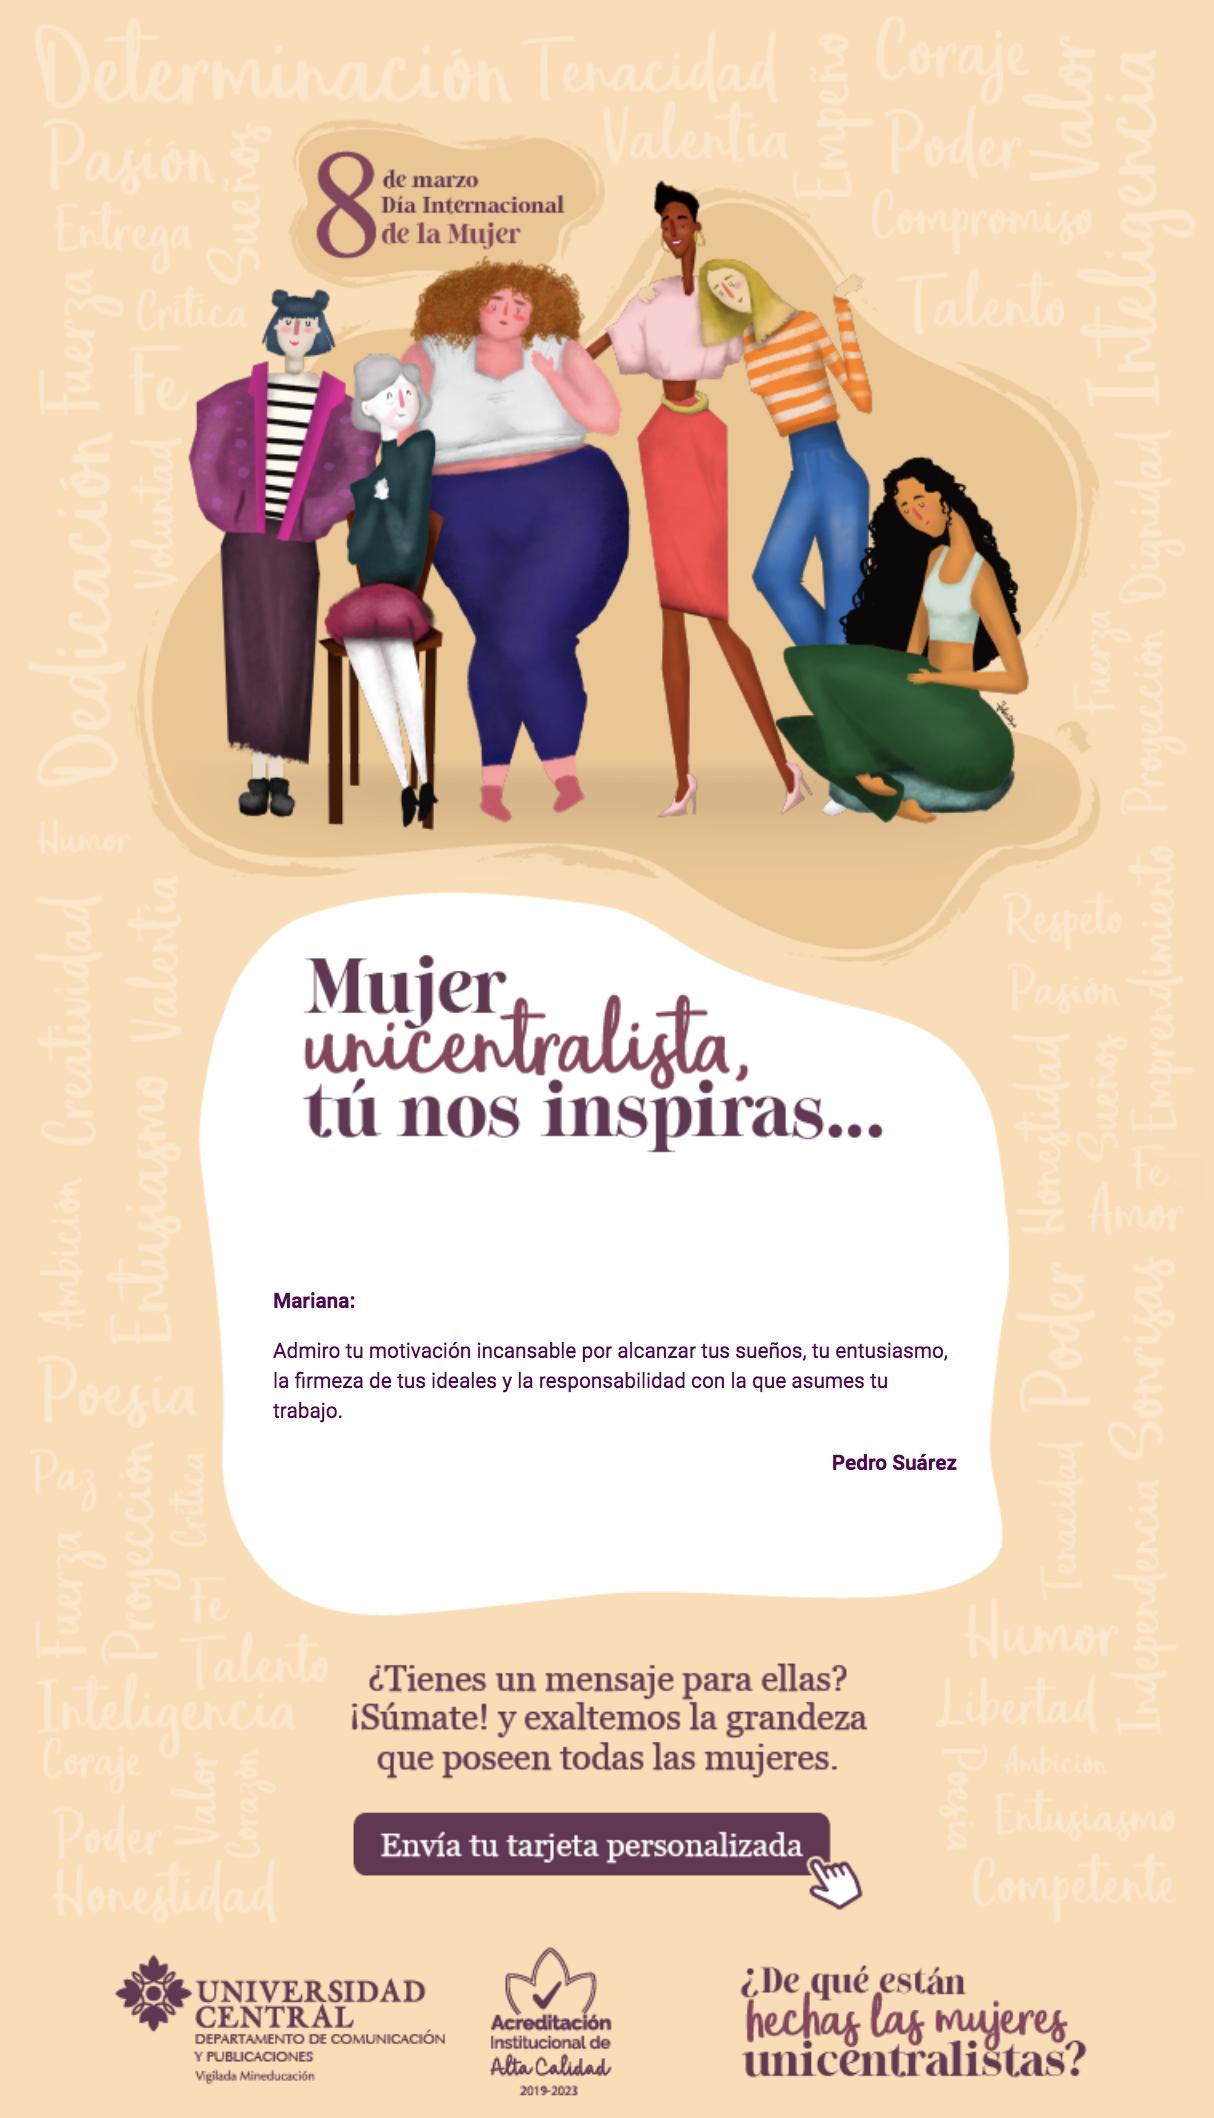 Dia Del Trabajador Mujeres digamos juntos: ¡feliz día mujeres unicentralistas